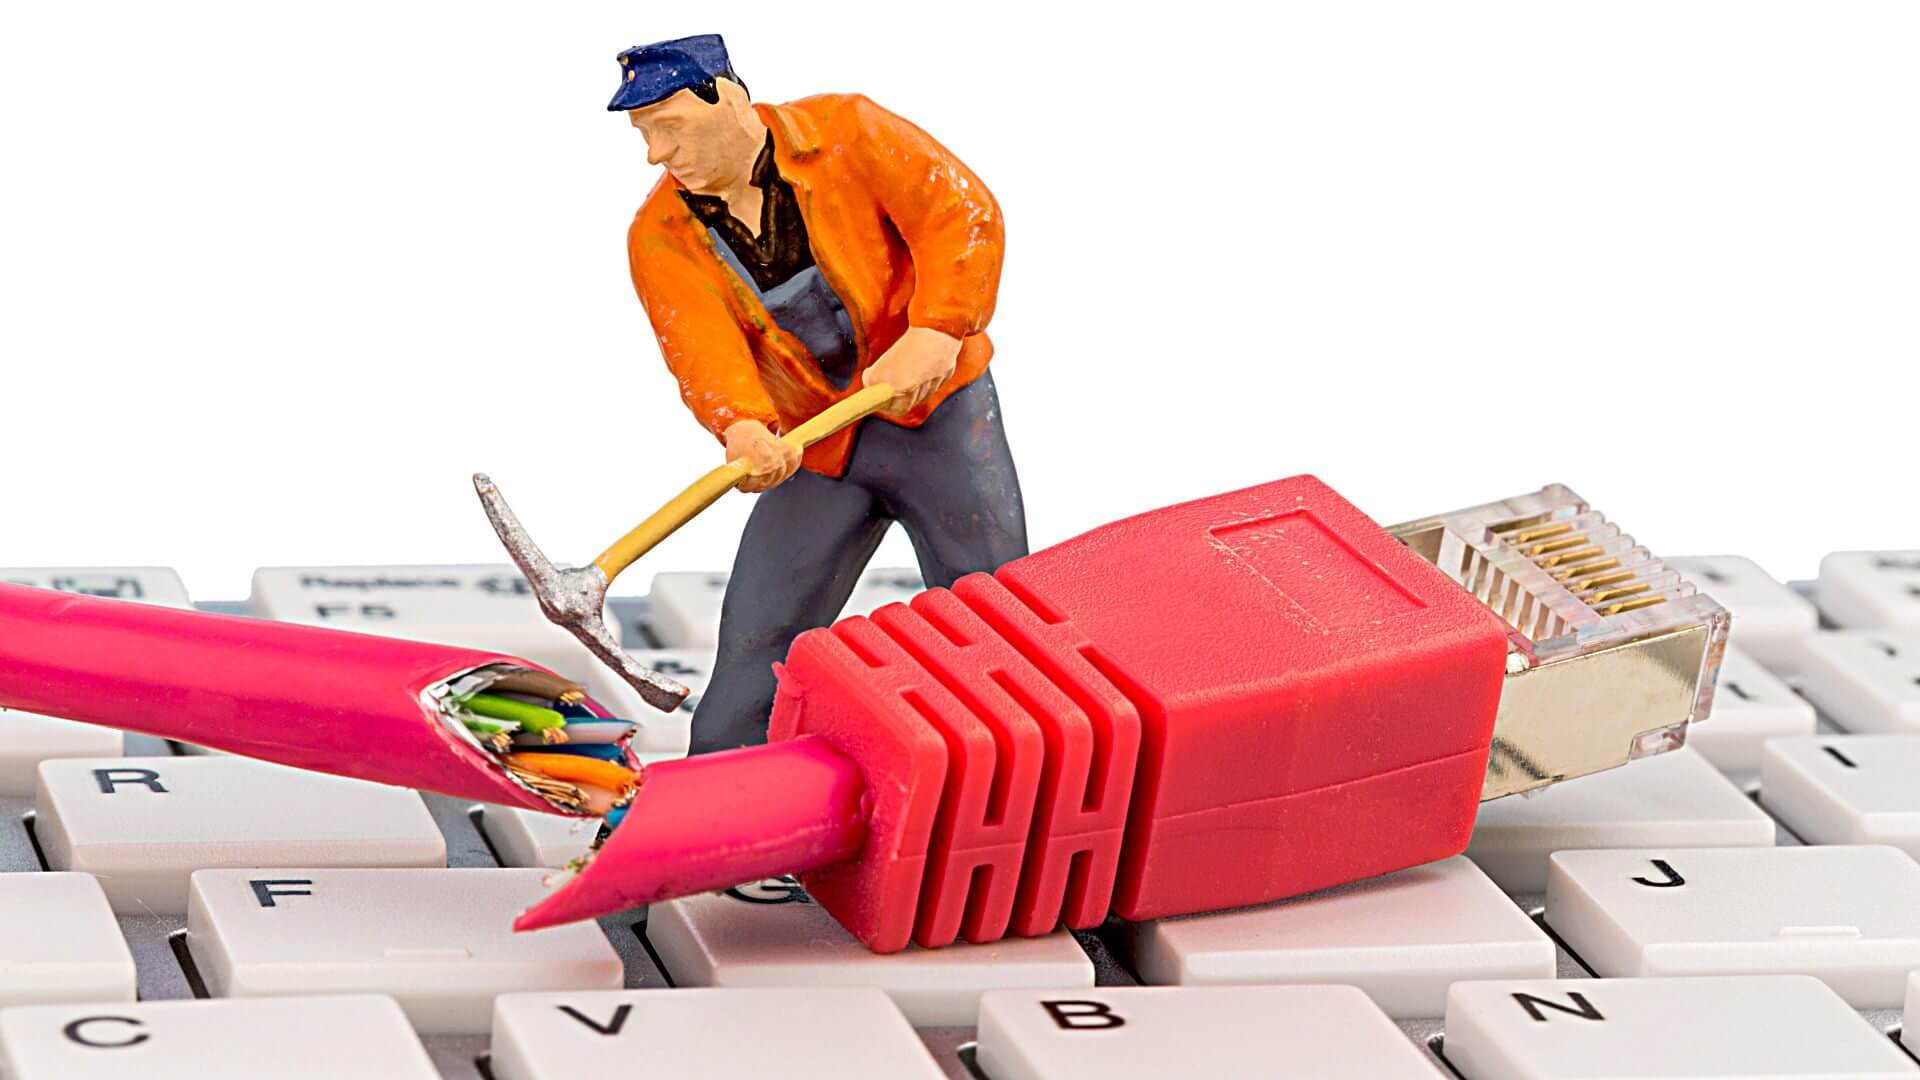 shutterstock 164650286 1080 - Quem usa YouTube e Netflix terá que pagar mais pela internet, parece justo pra você?